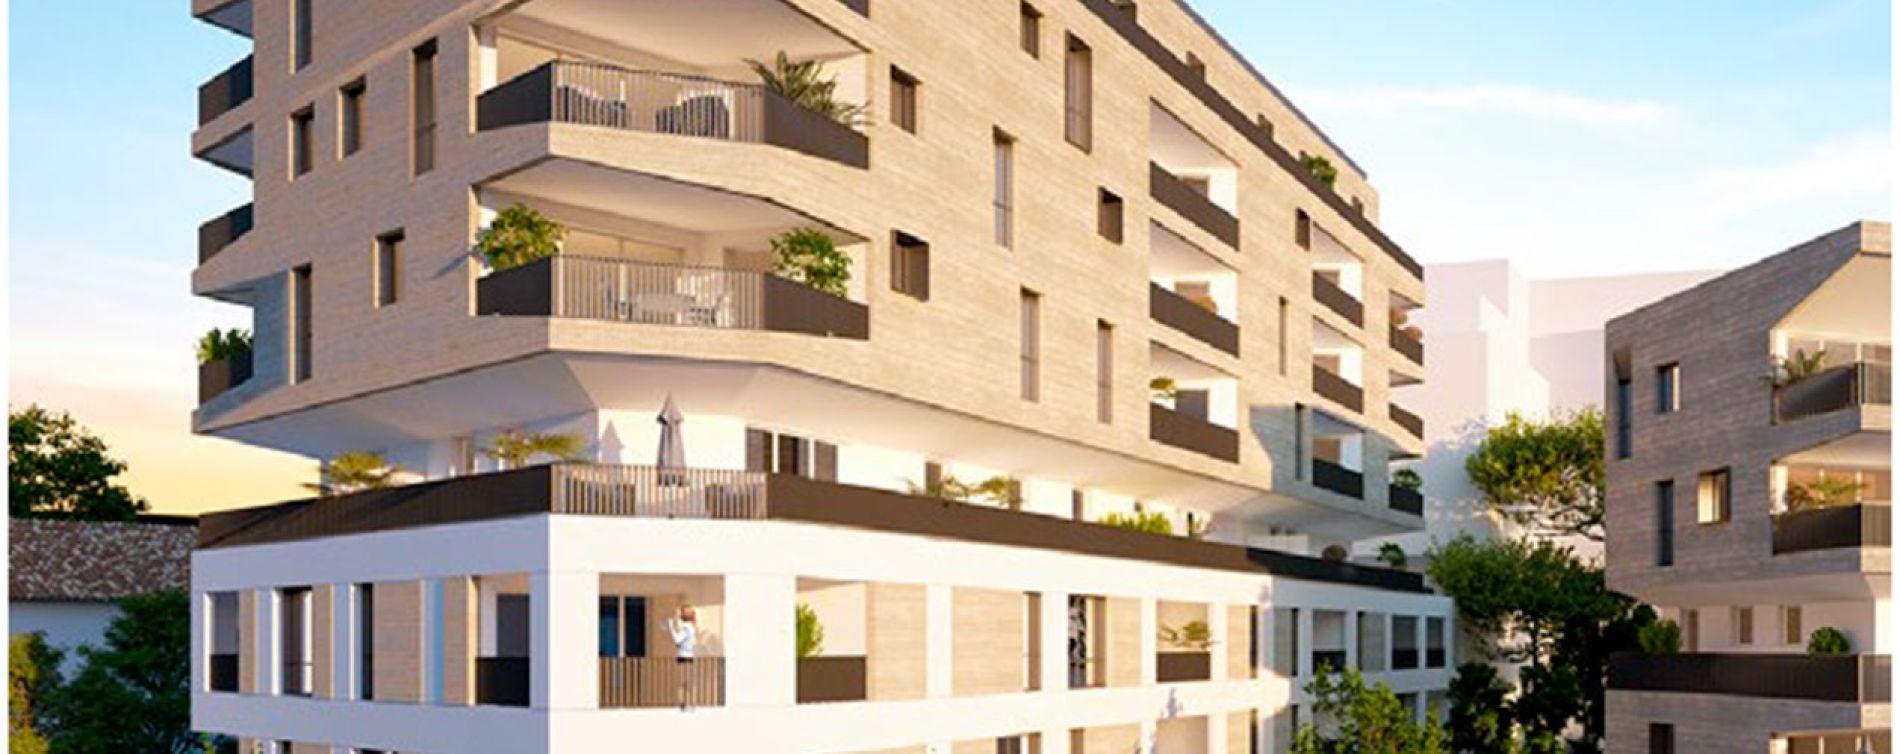 Résidence Carré Vendôme à Montpellier